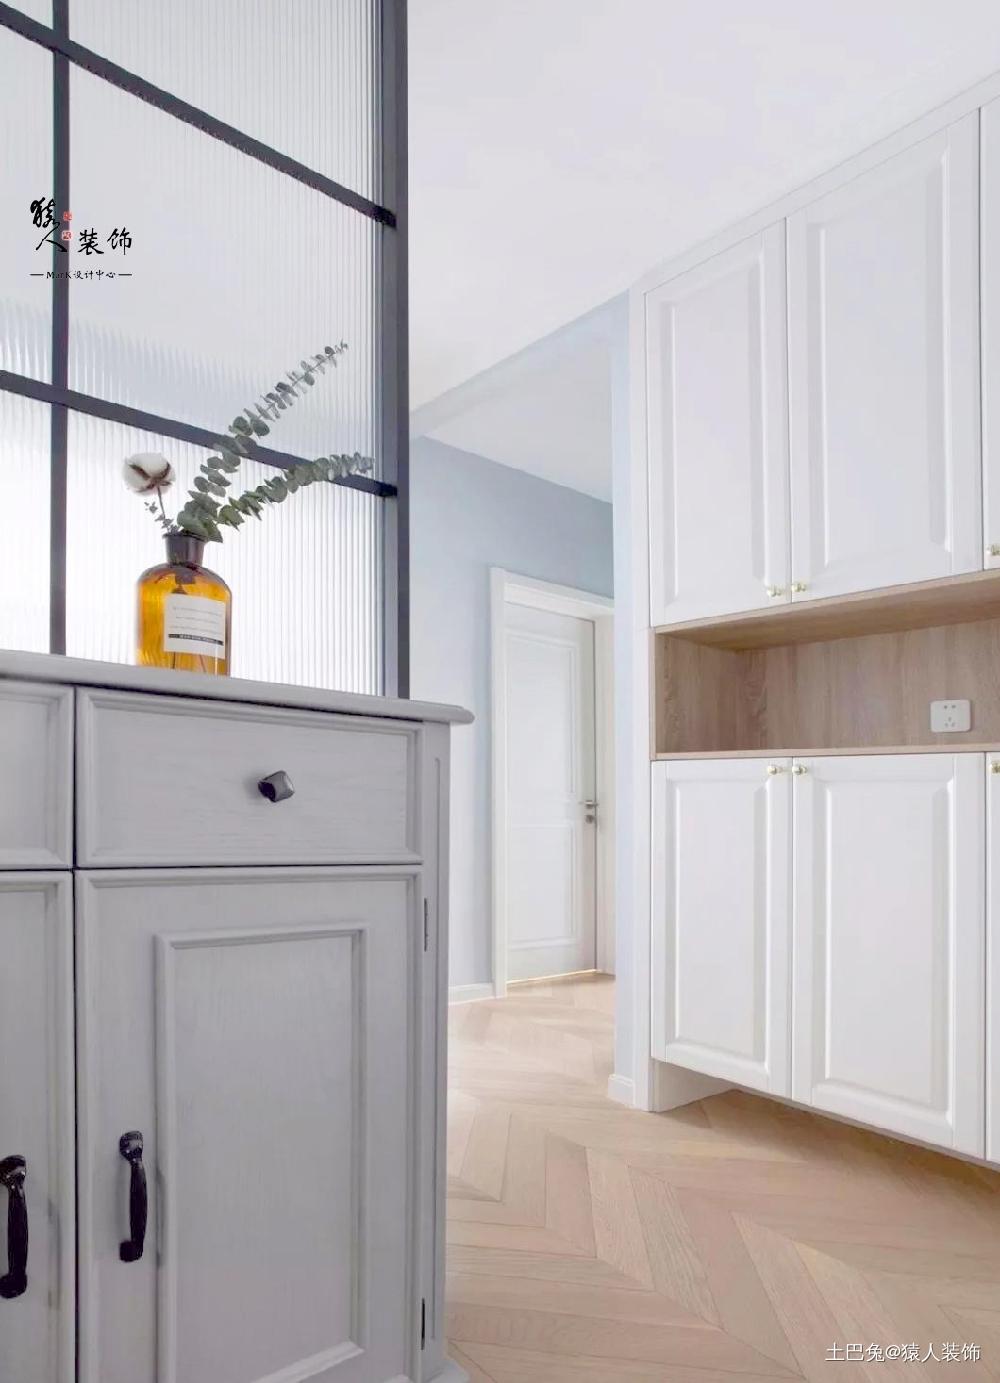 110㎡北欧三室玄关、电视墙巧妙实用玄关北欧极简玄关设计图片赏析